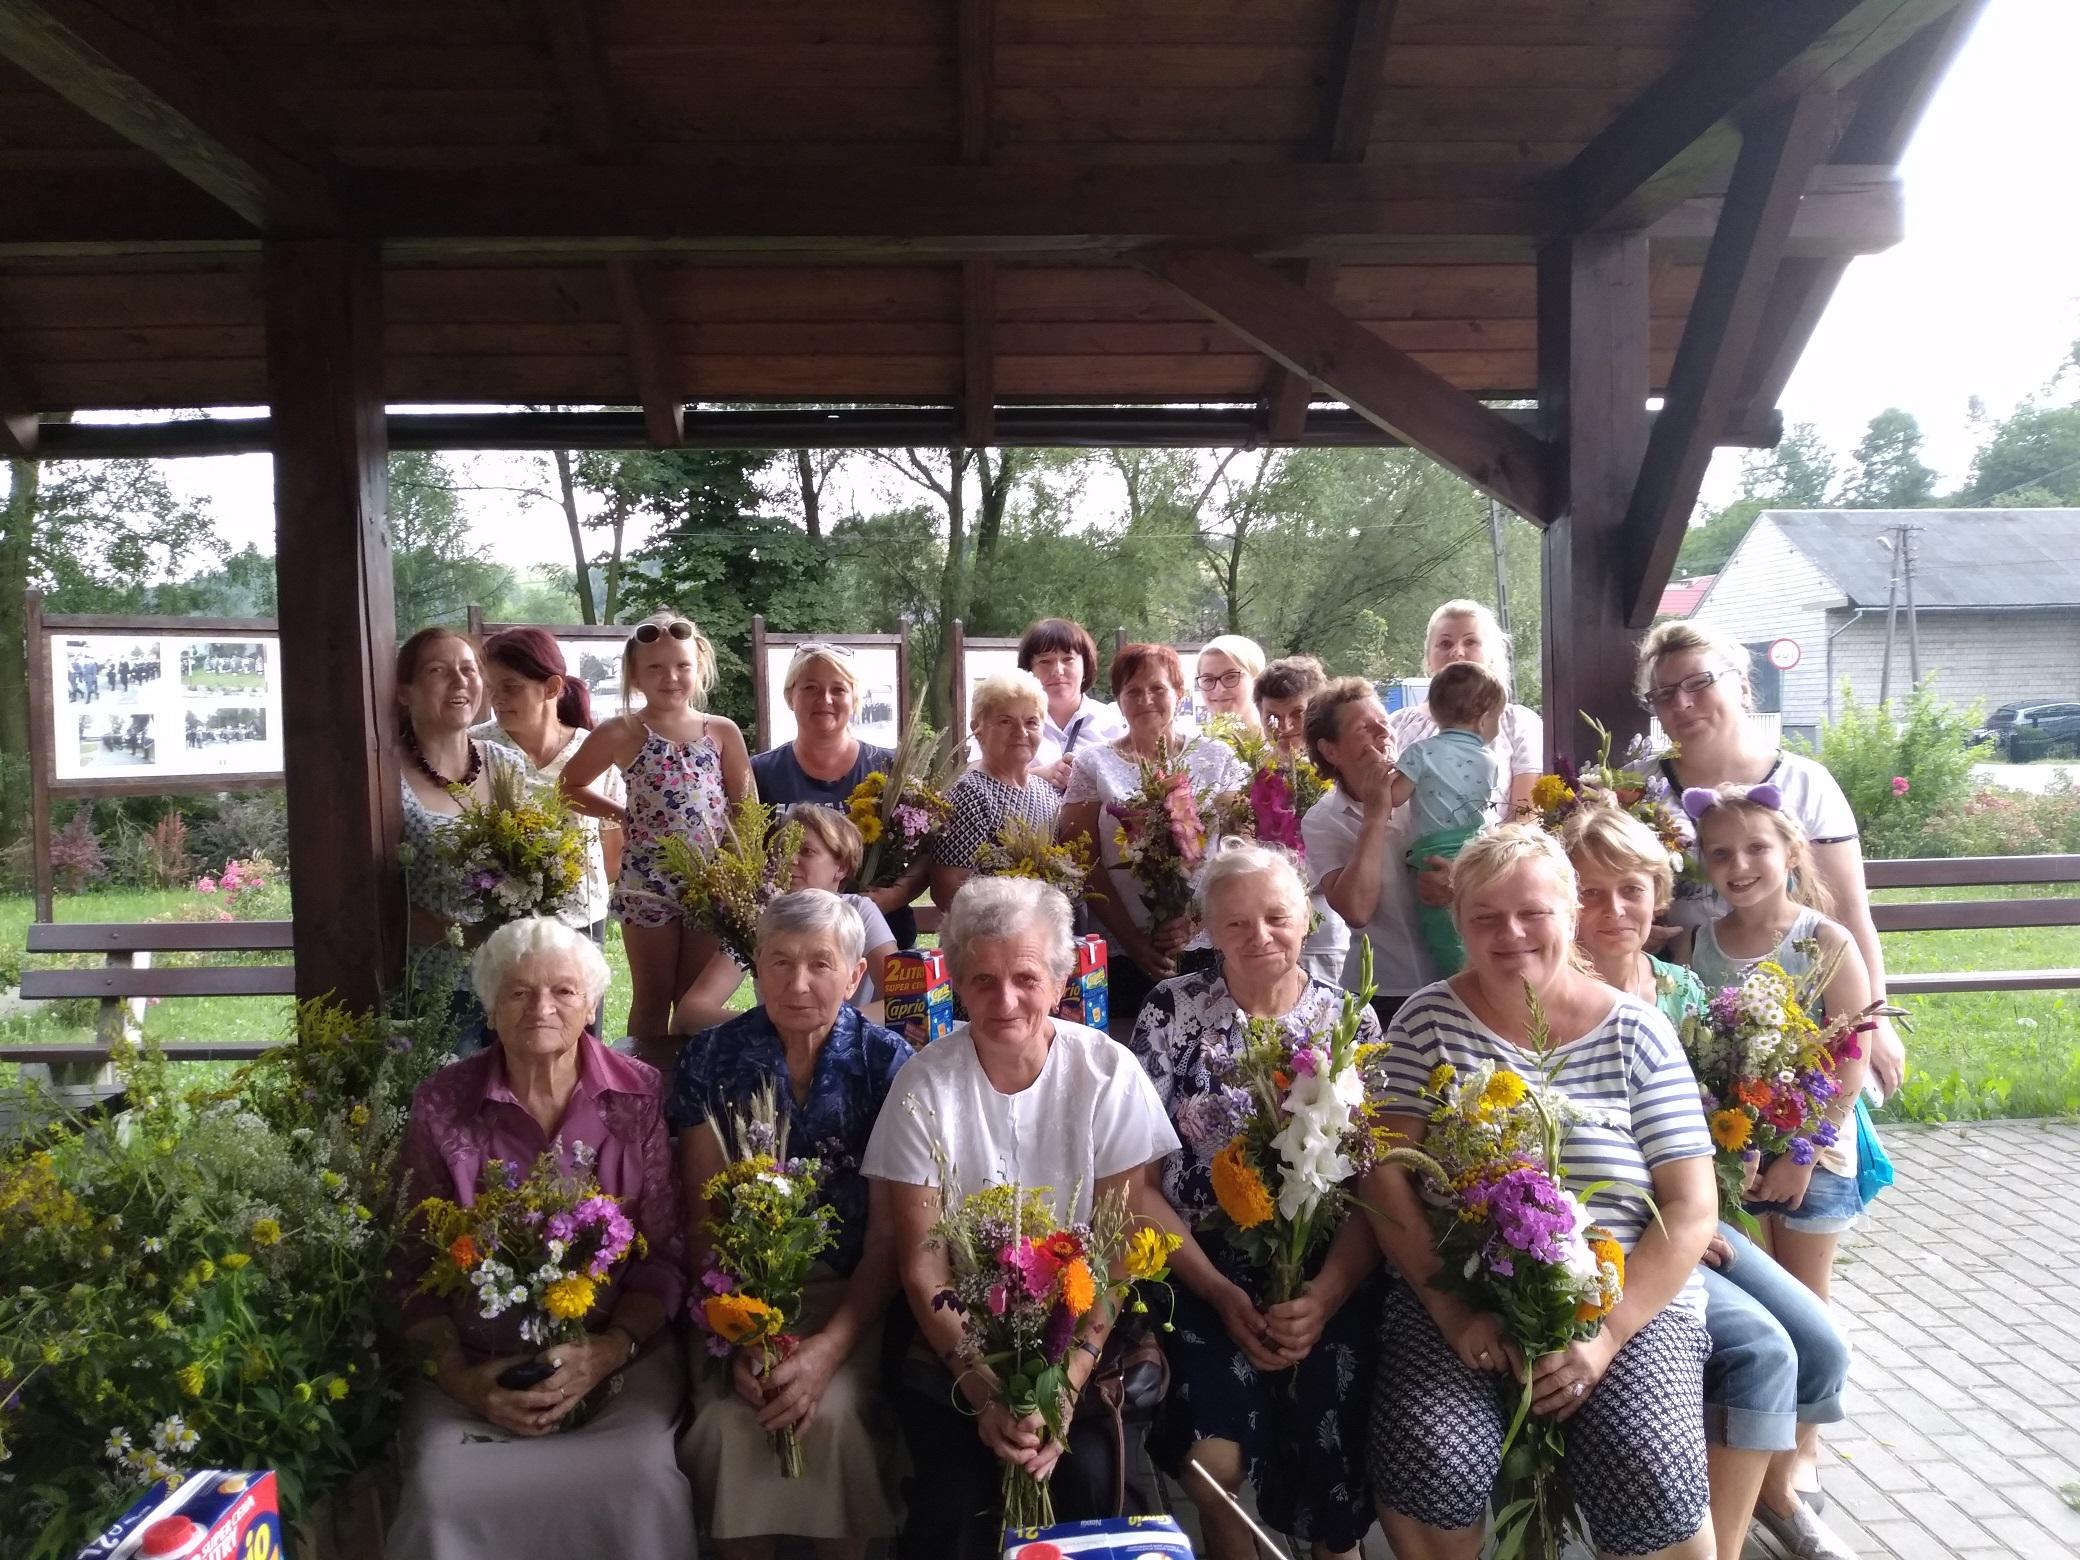 grupa około dwudziestu kobiet. Każda z nich trzyma w dłoniach bukiet z kwiatów i ziół.